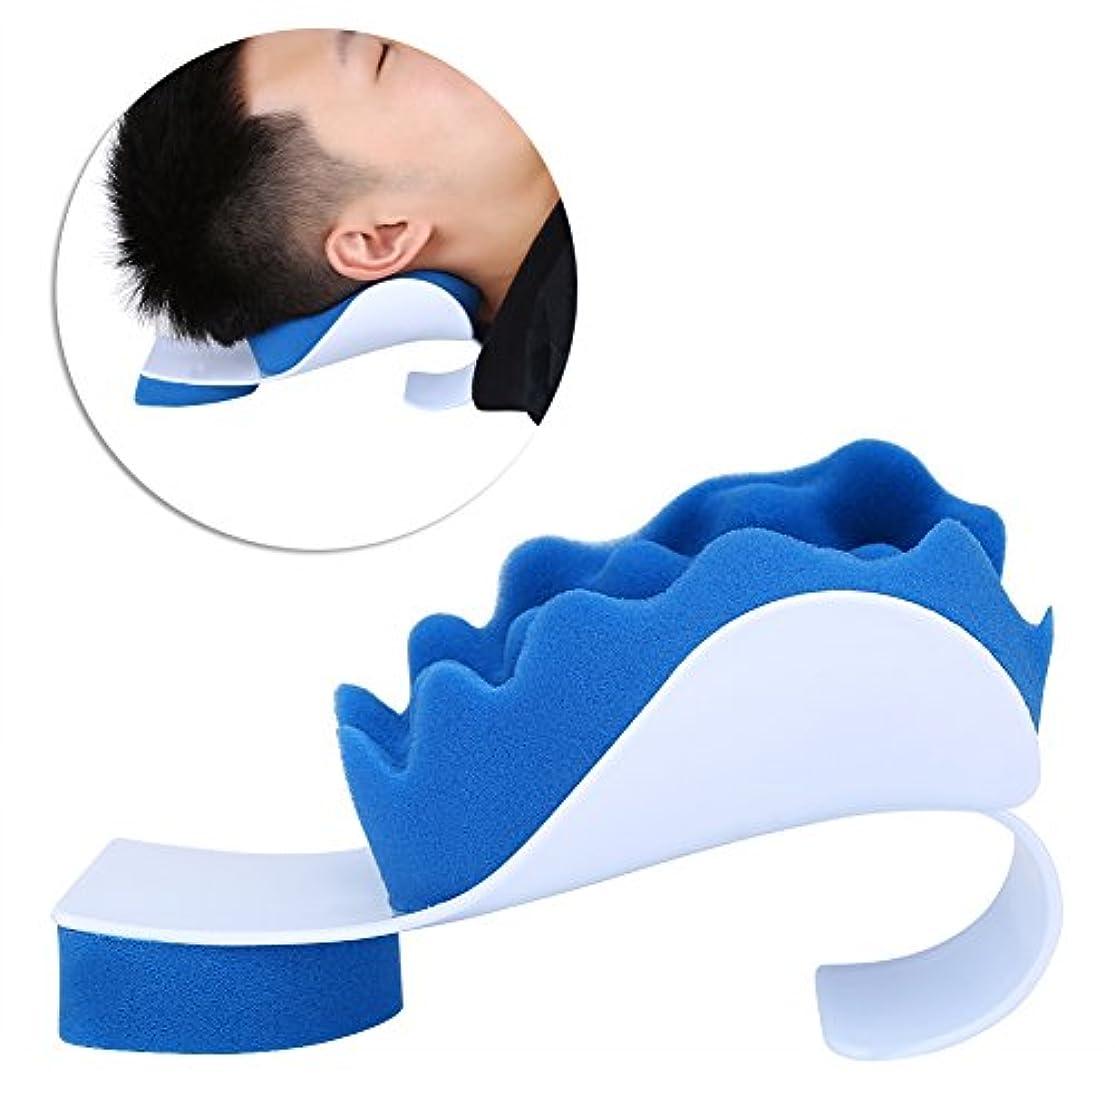 魅力石膏没頭するマッサージ枕 首ストレッチャー ネック枕 ツボ押し リラックス ストレス解消 頚椎/首筋矯正 首筋押圧 肩こり 首こり 改善